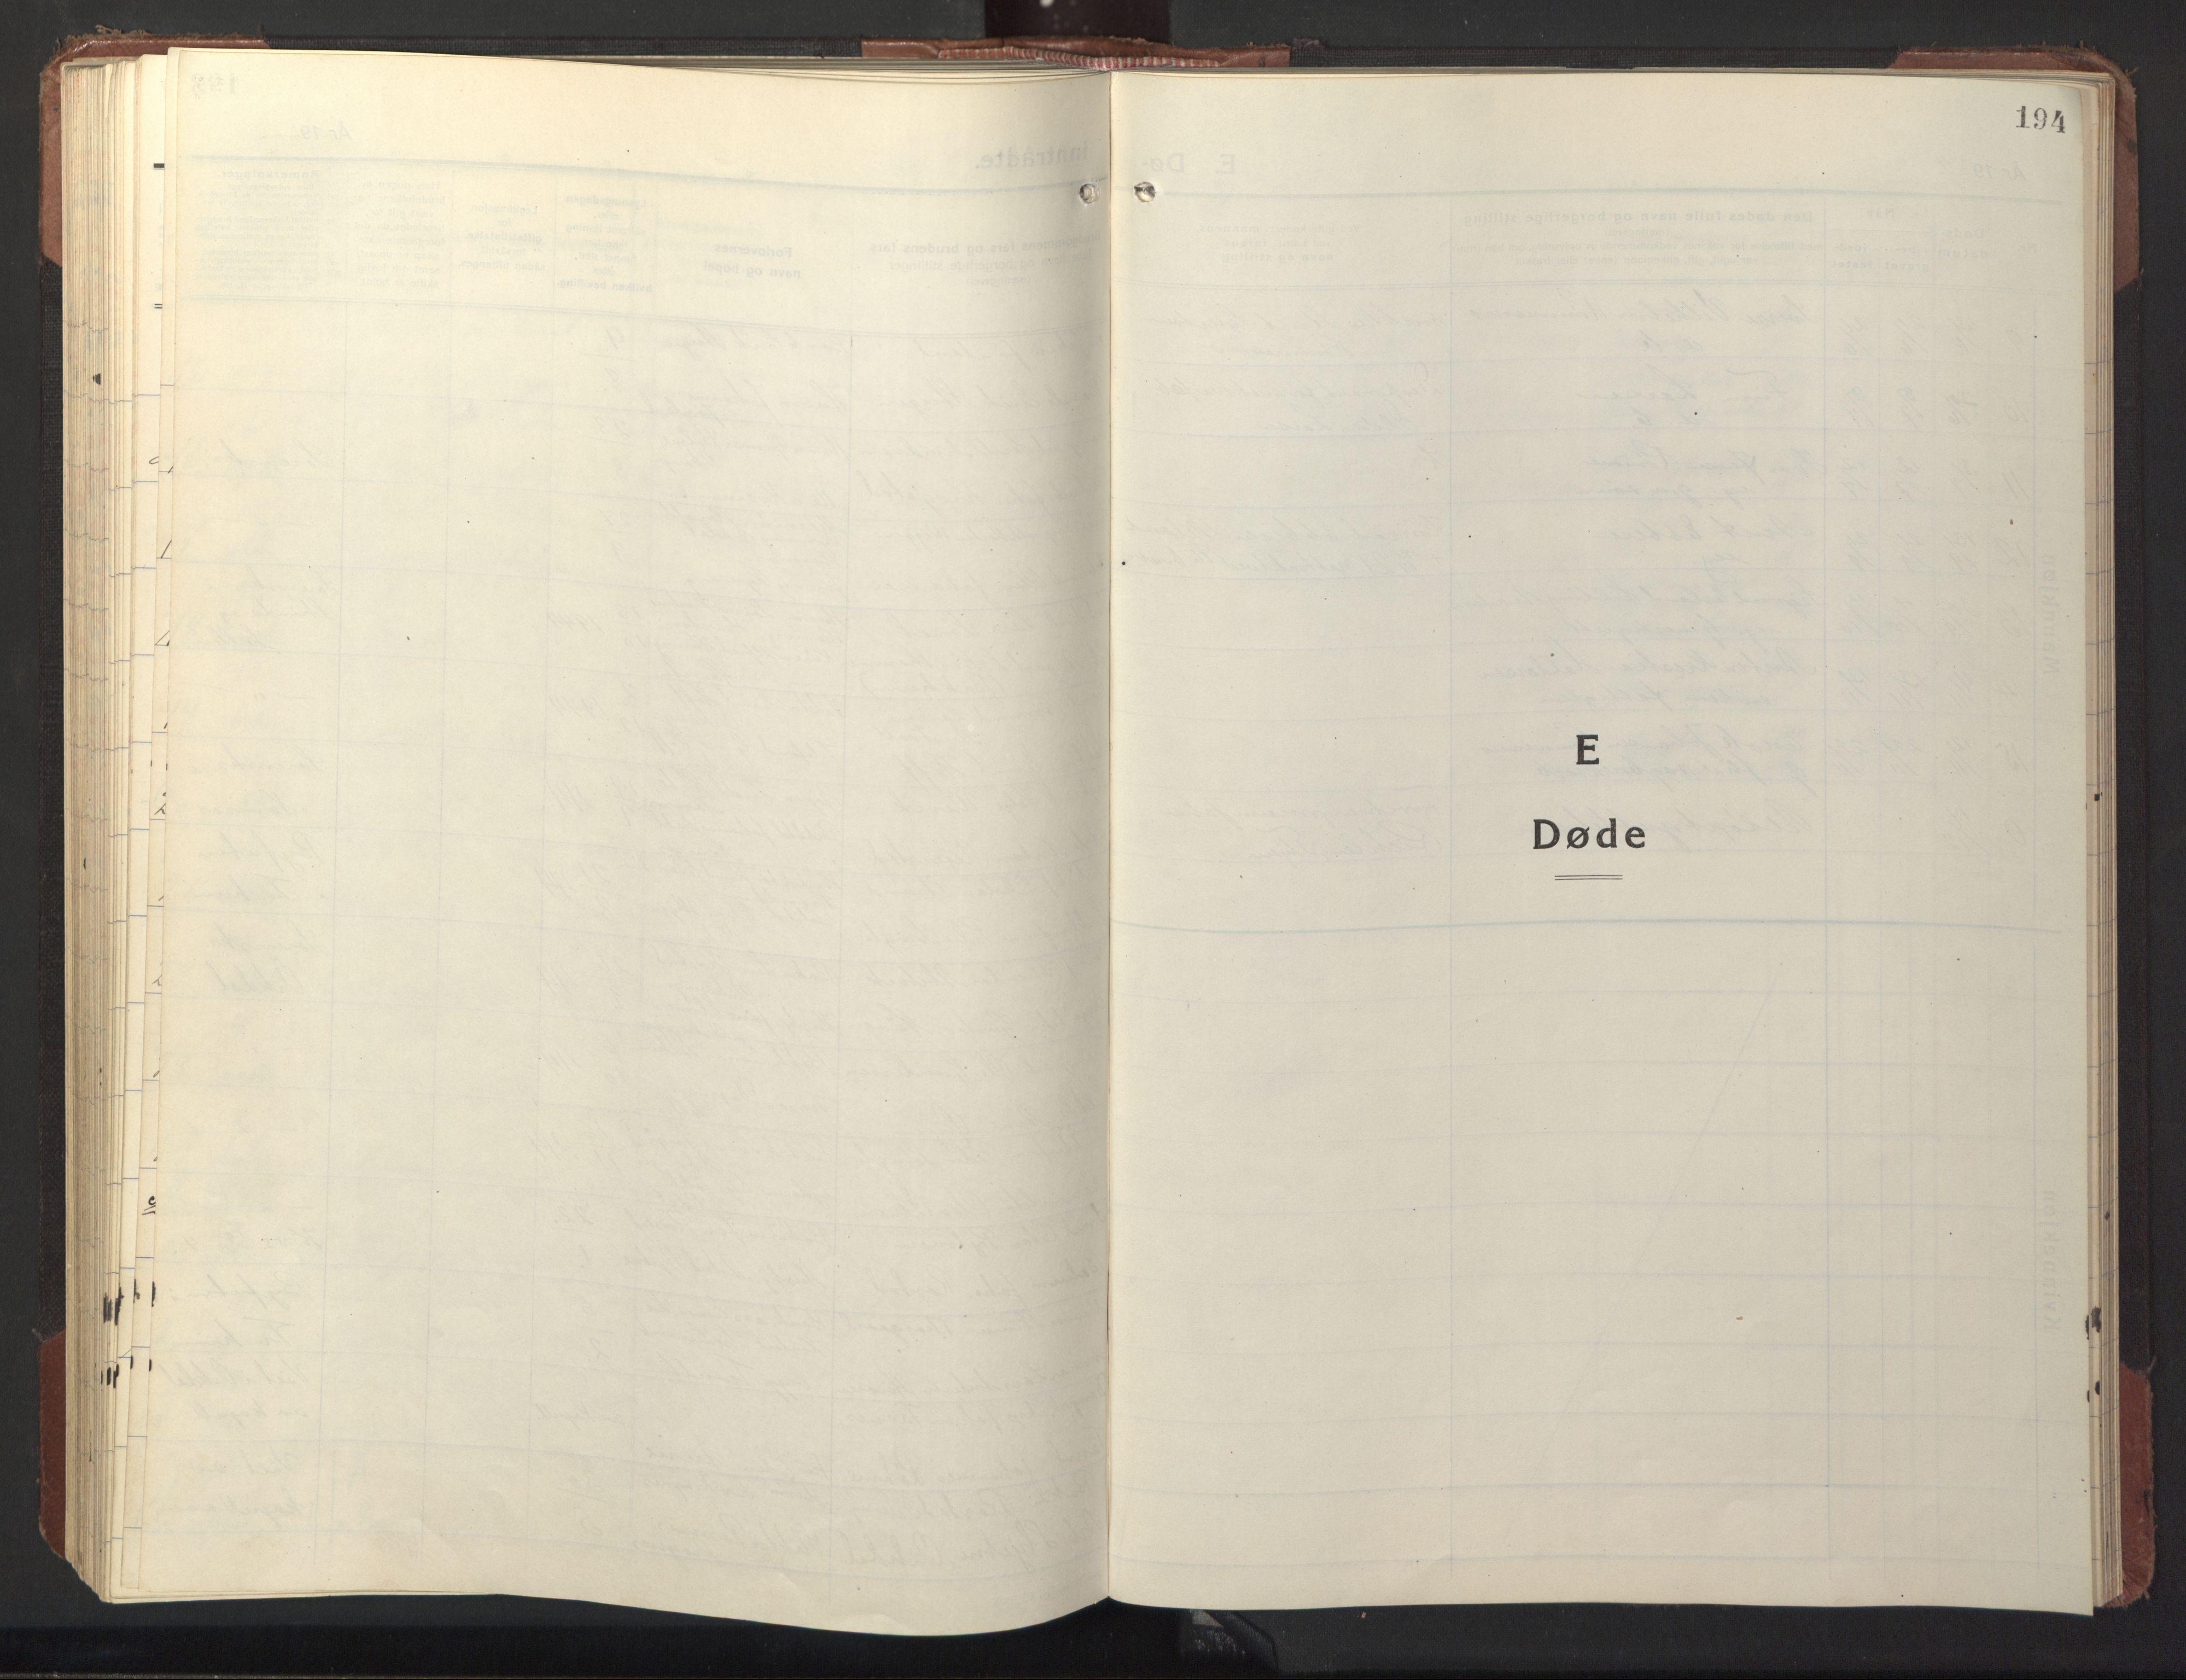 SAT, Ministerialprotokoller, klokkerbøker og fødselsregistre - Sør-Trøndelag, 669/L0832: Klokkerbok nr. 669C02, 1925-1953, s. 194